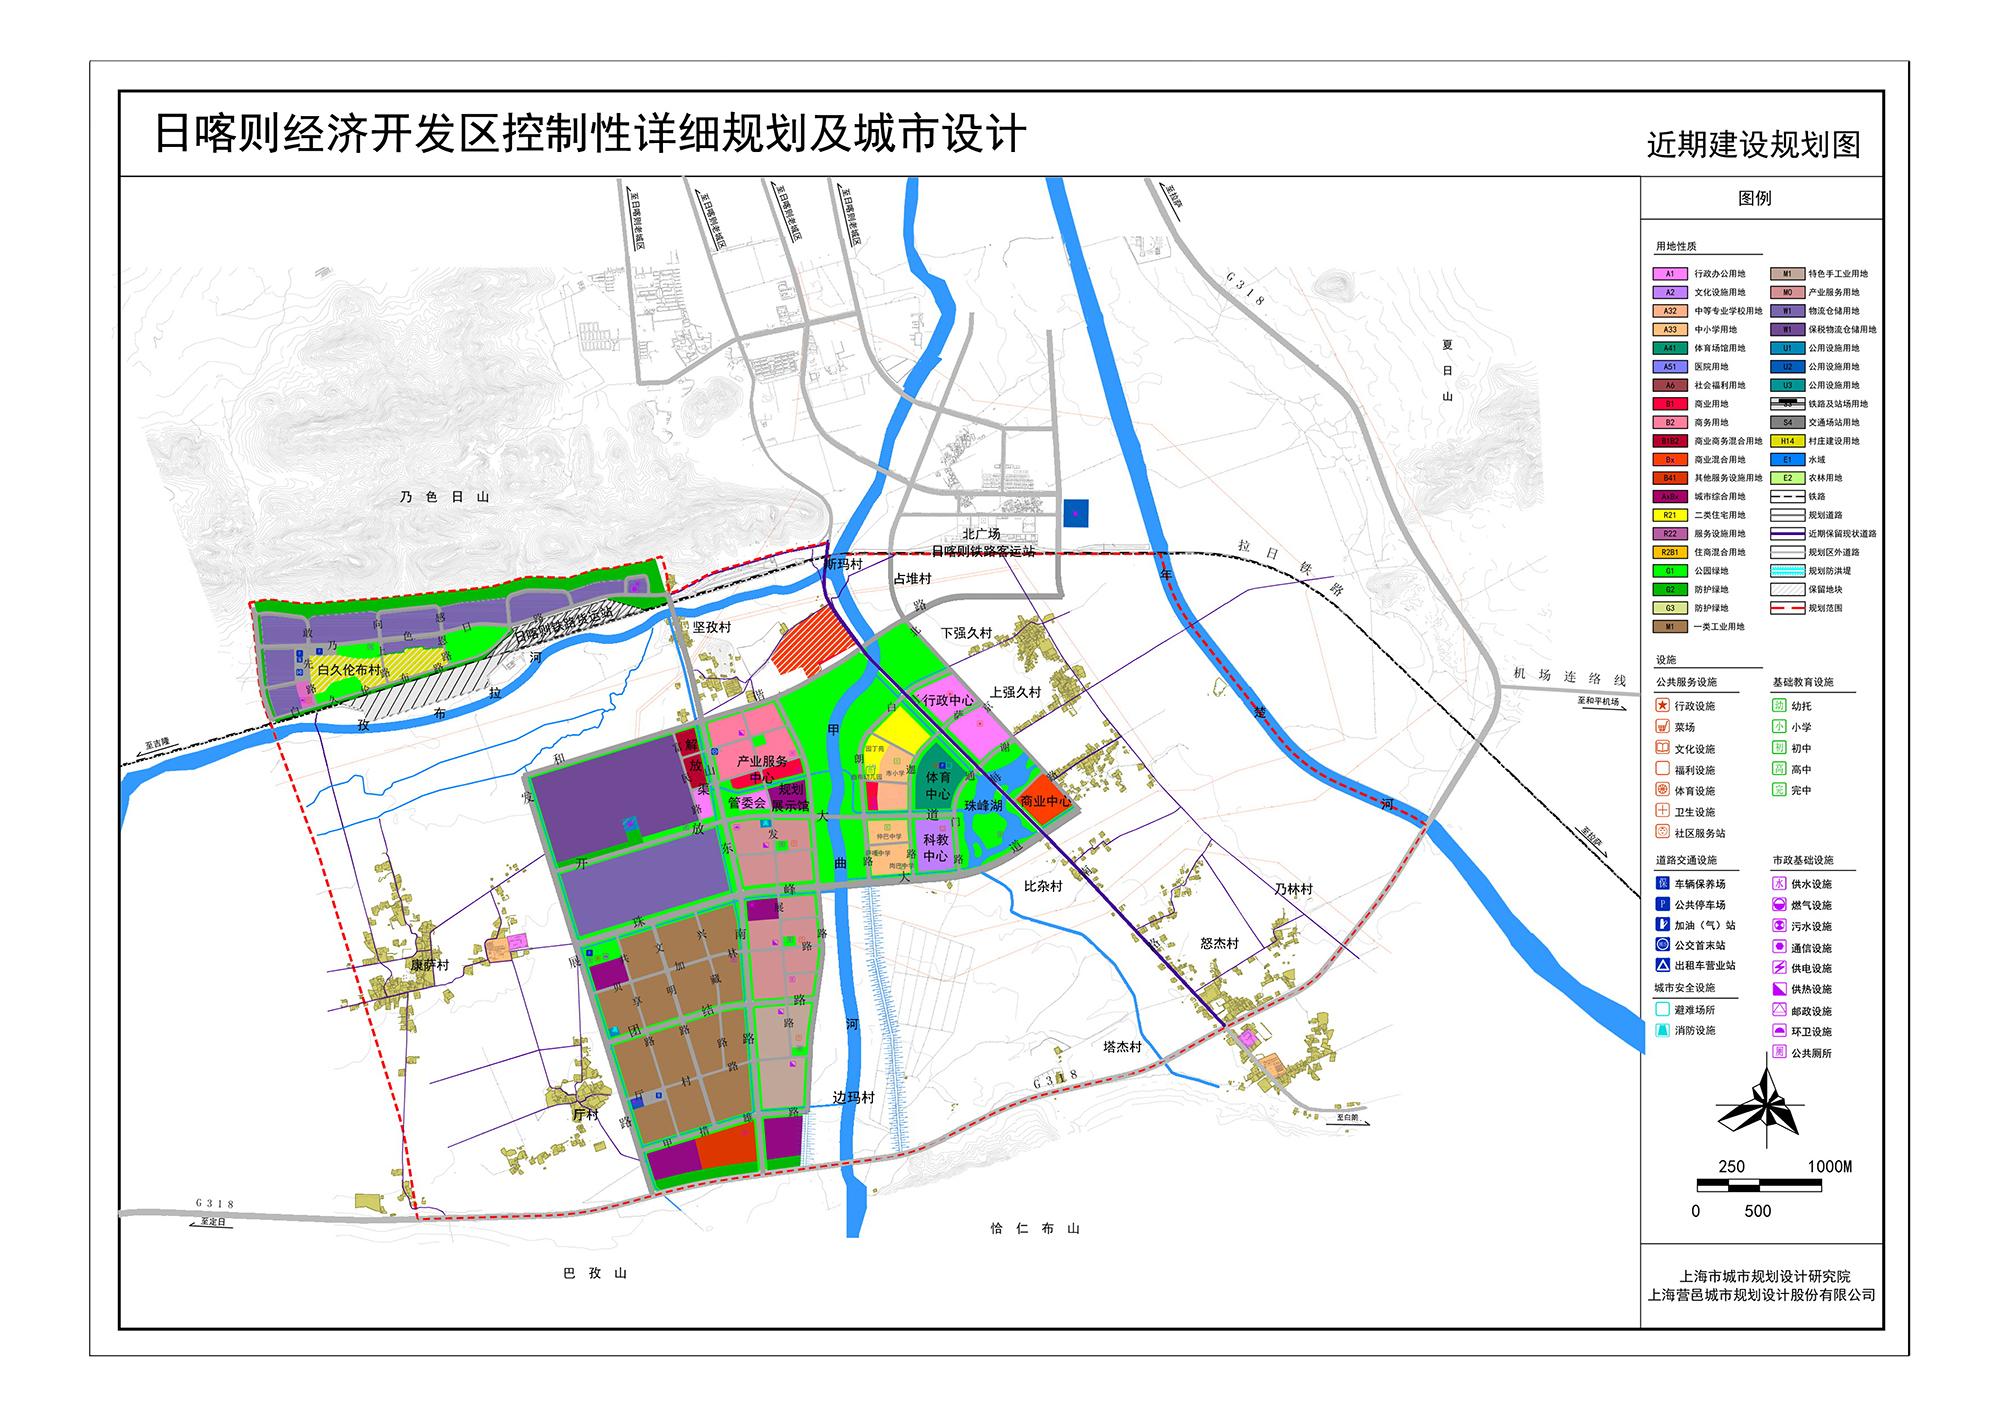 2021年日喀则市经济总量_2021年日历图片